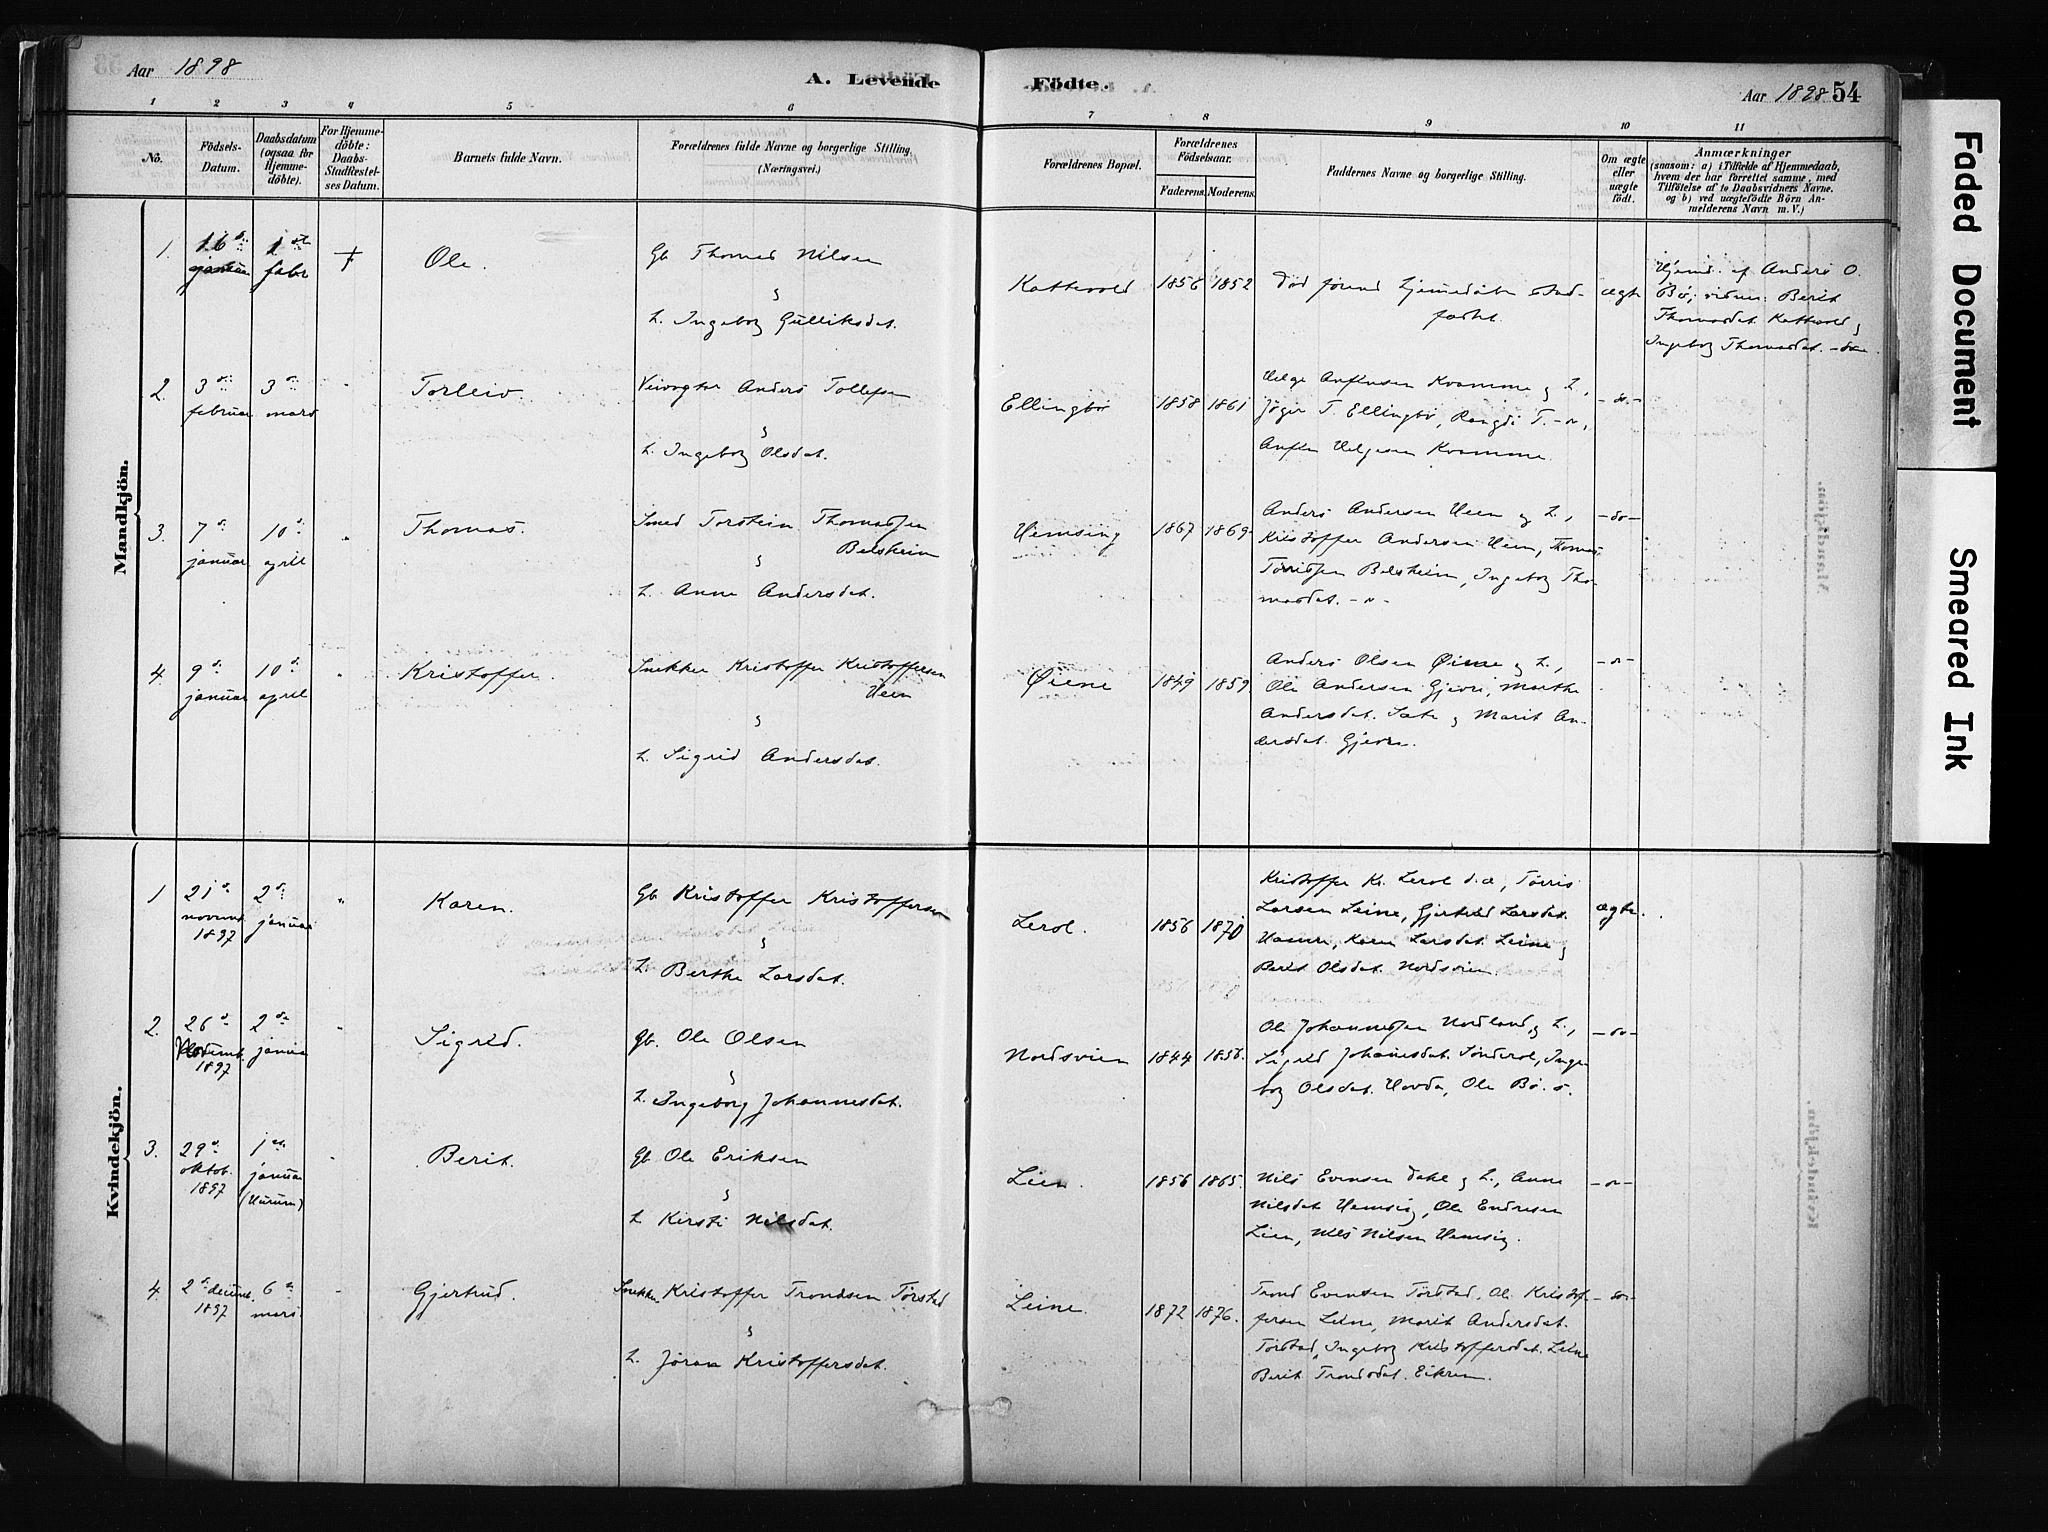 SAH, Vang prestekontor, Valdres, Ministerialbok nr. 8, 1882-1910, s. 54